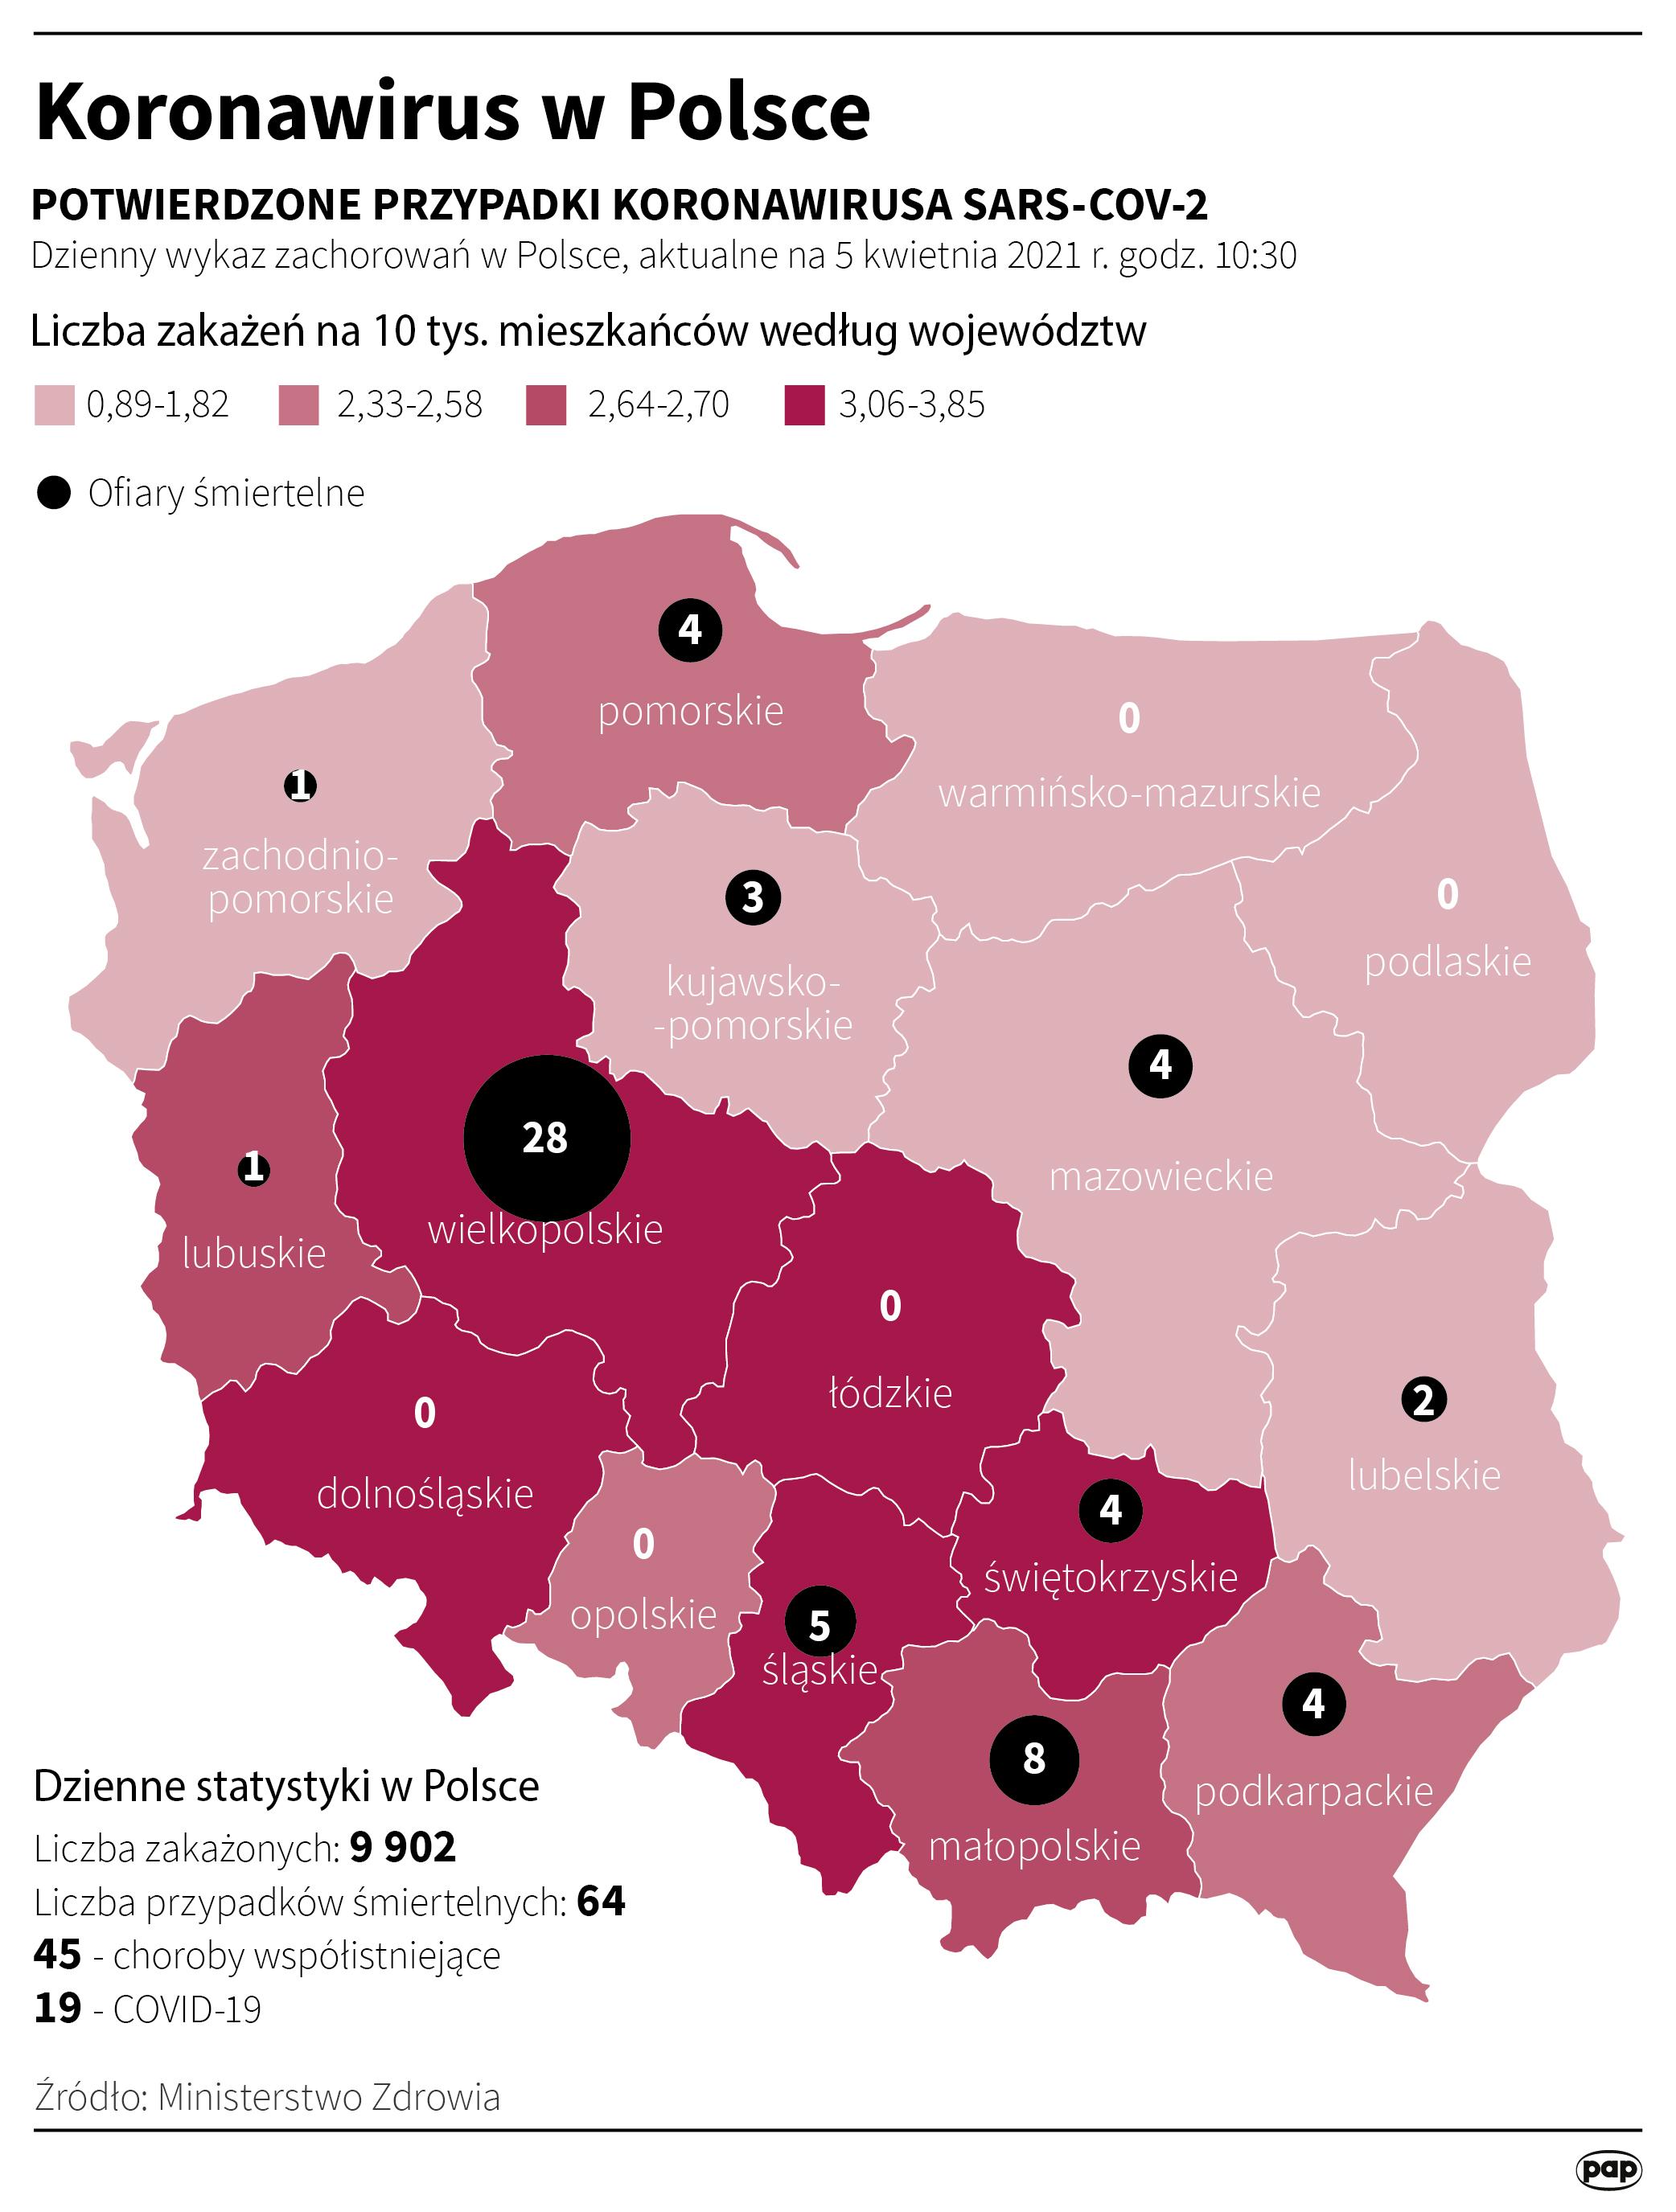 Koronawirus w Polsce stan na 5 kwietnia [autor: Adam Ziemienowich, źródło: PAP]